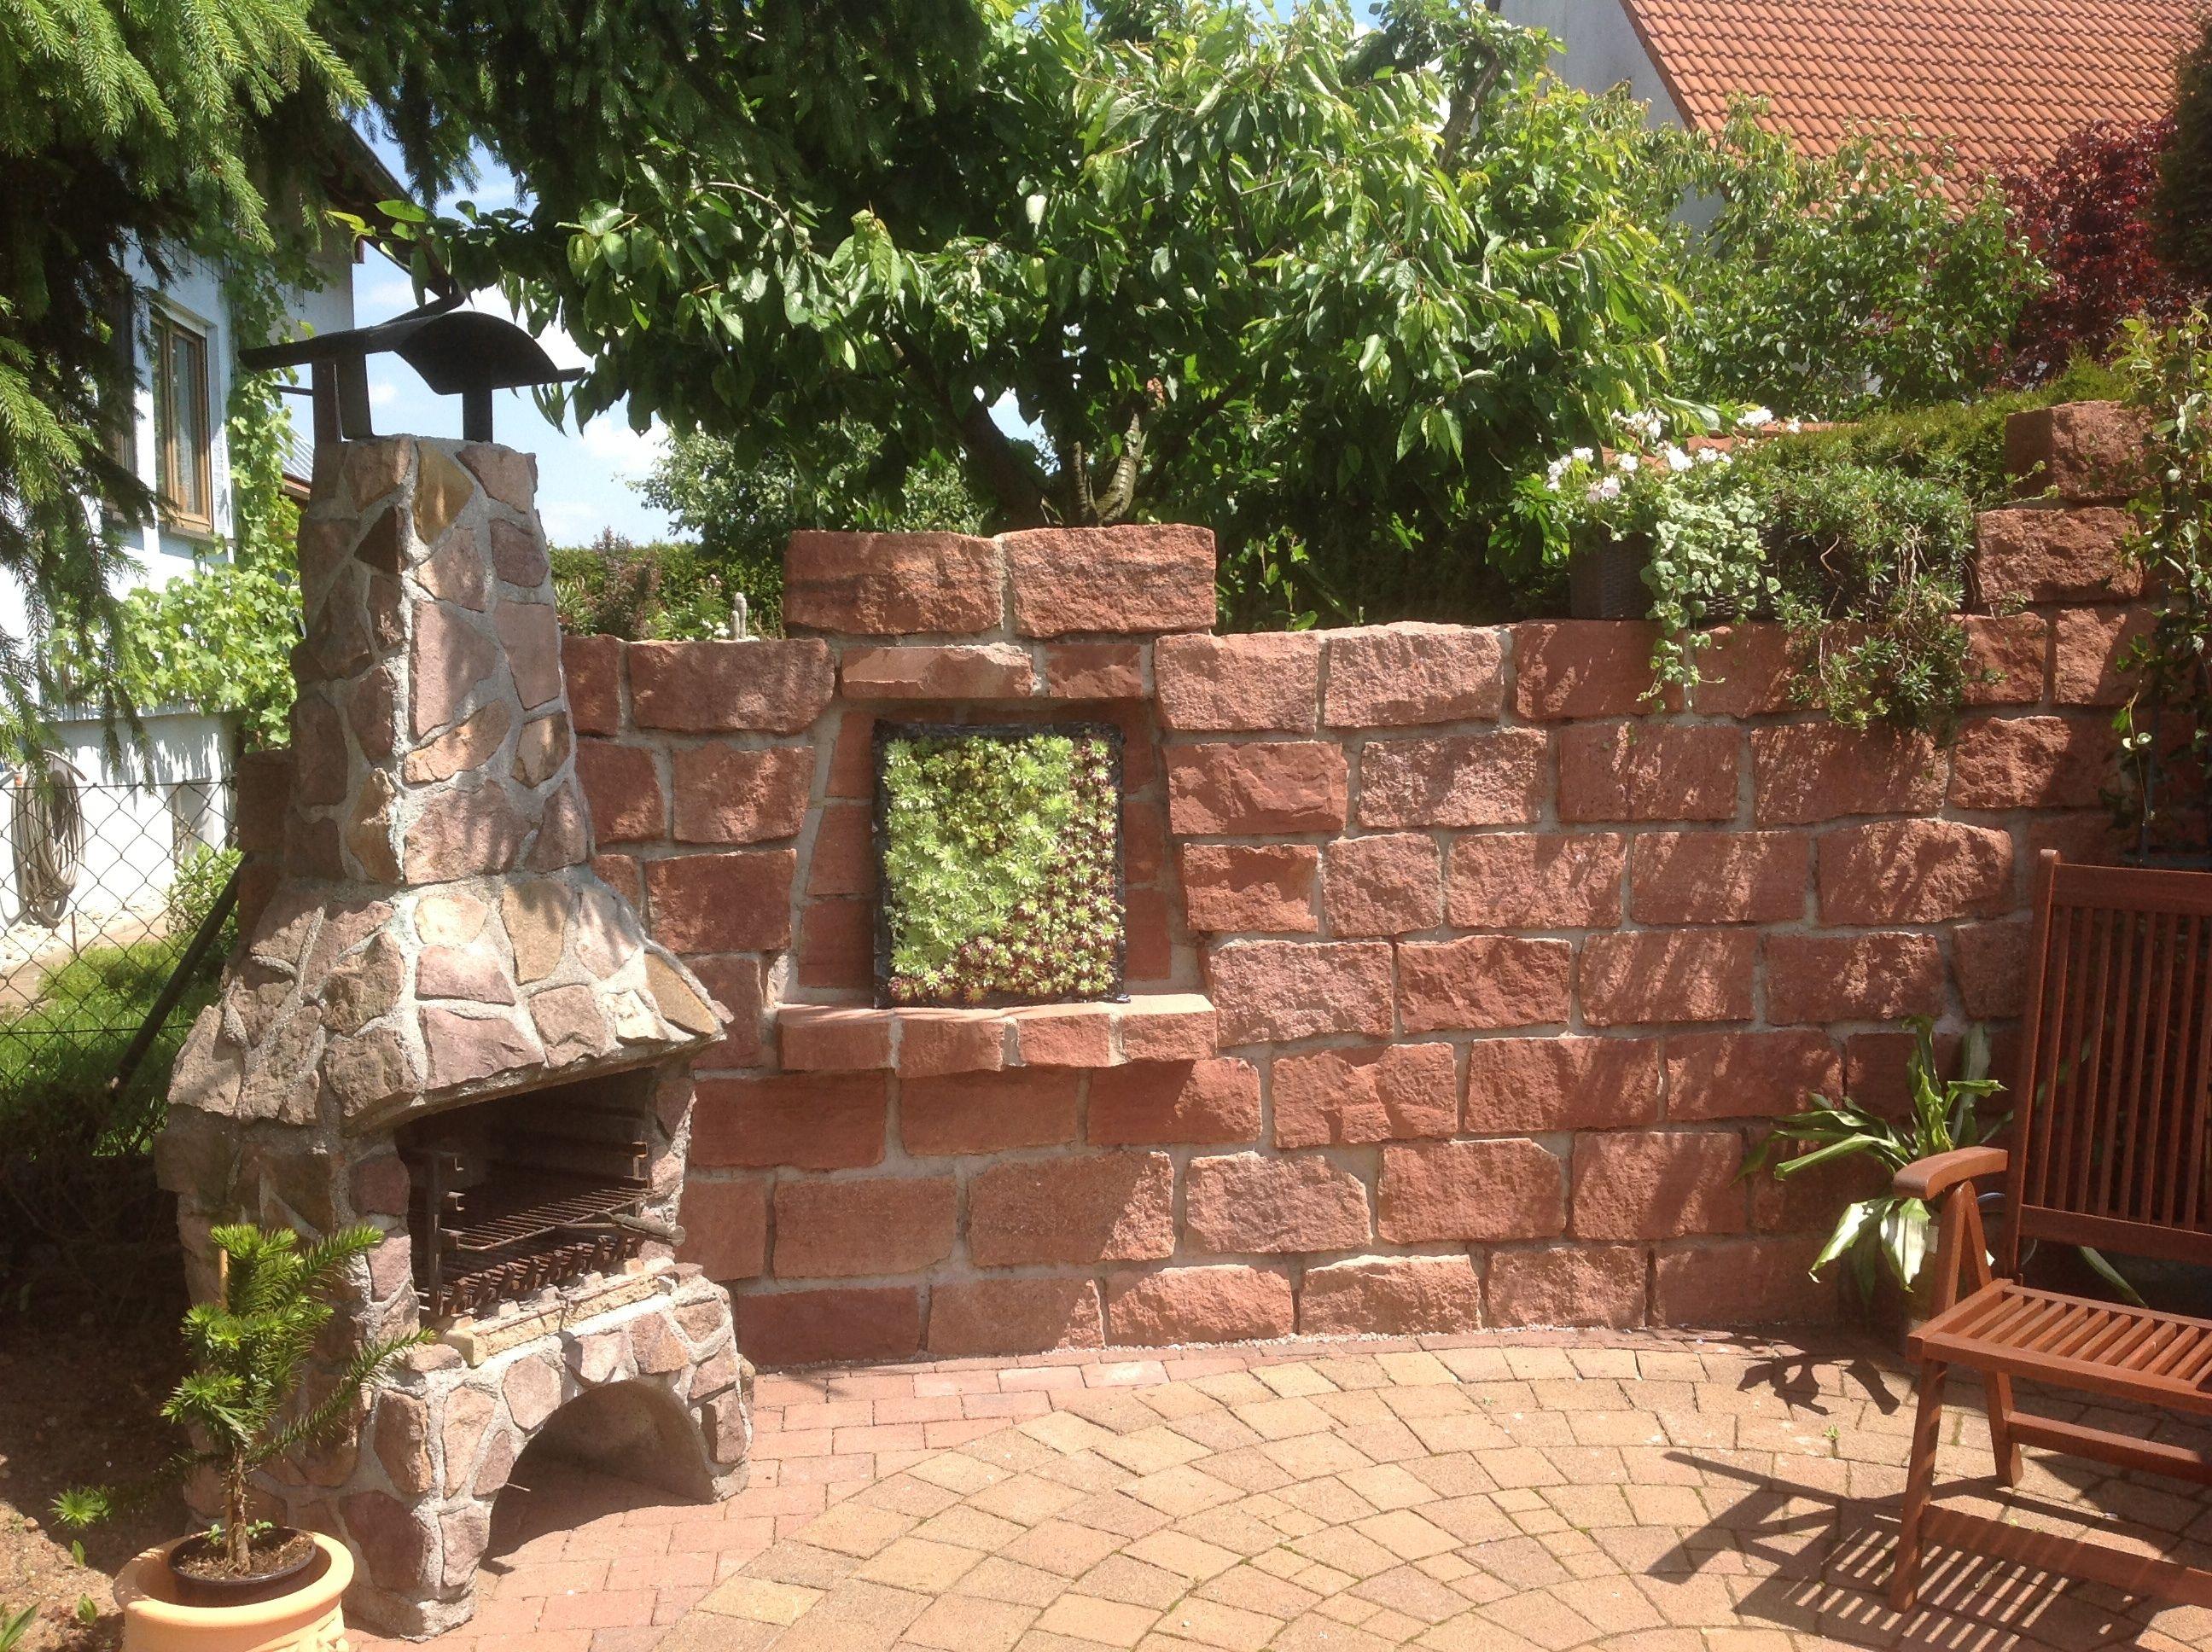 Grillplatz mit Sukkulentenbild   Traumgarten, Garten ...